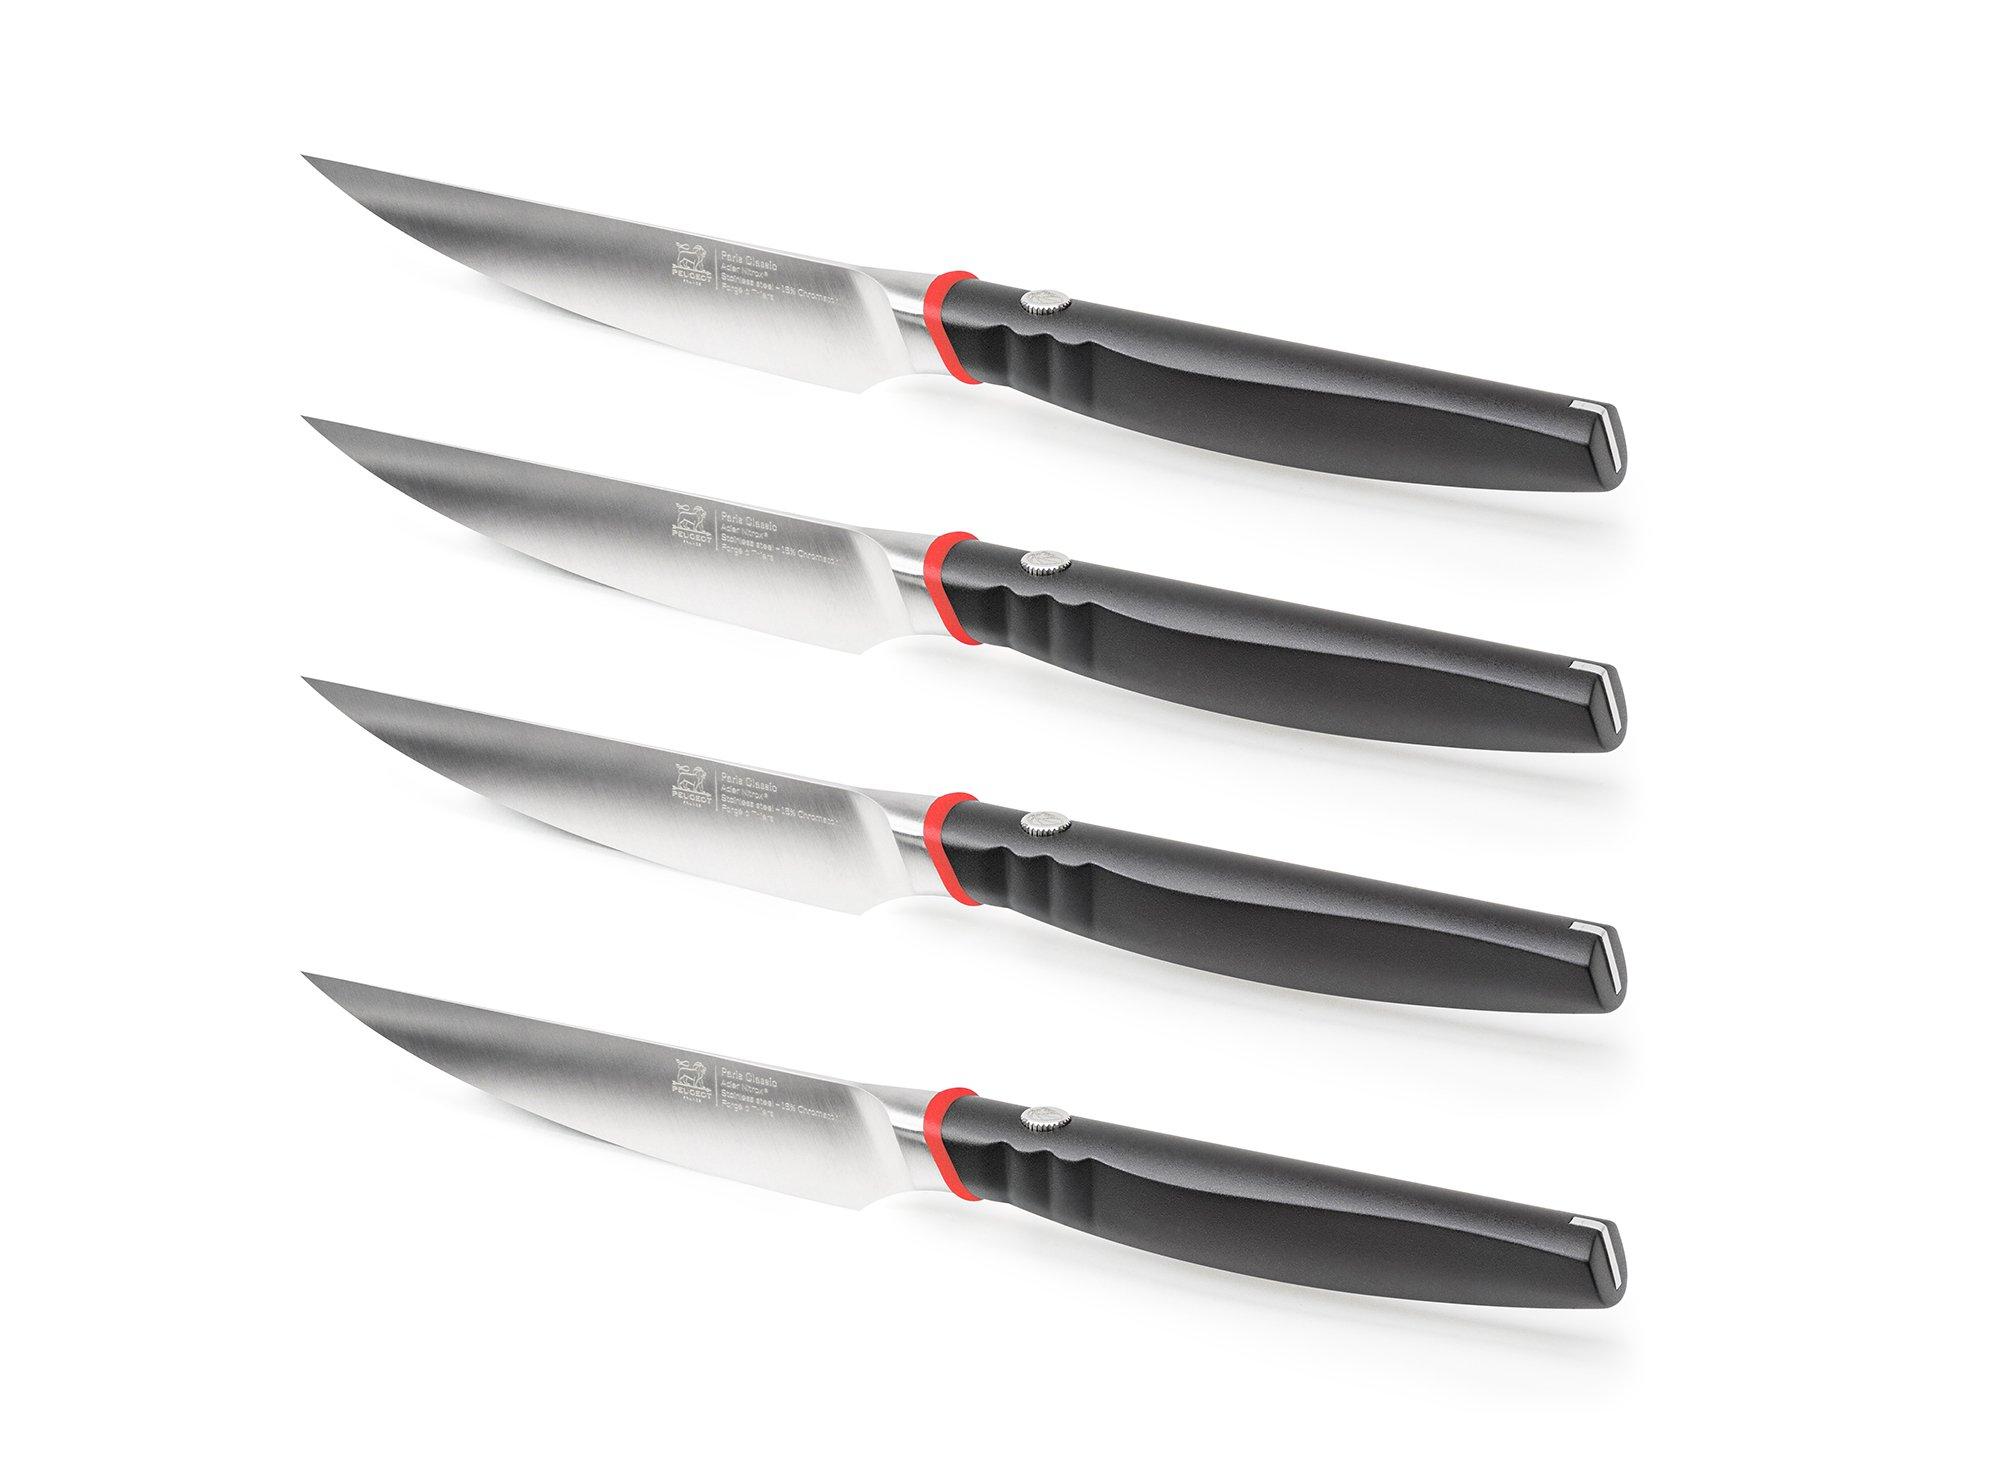 Набор ножей для стейков Steakmesser Paris Classic Peugeot 11 см, 4 шт.